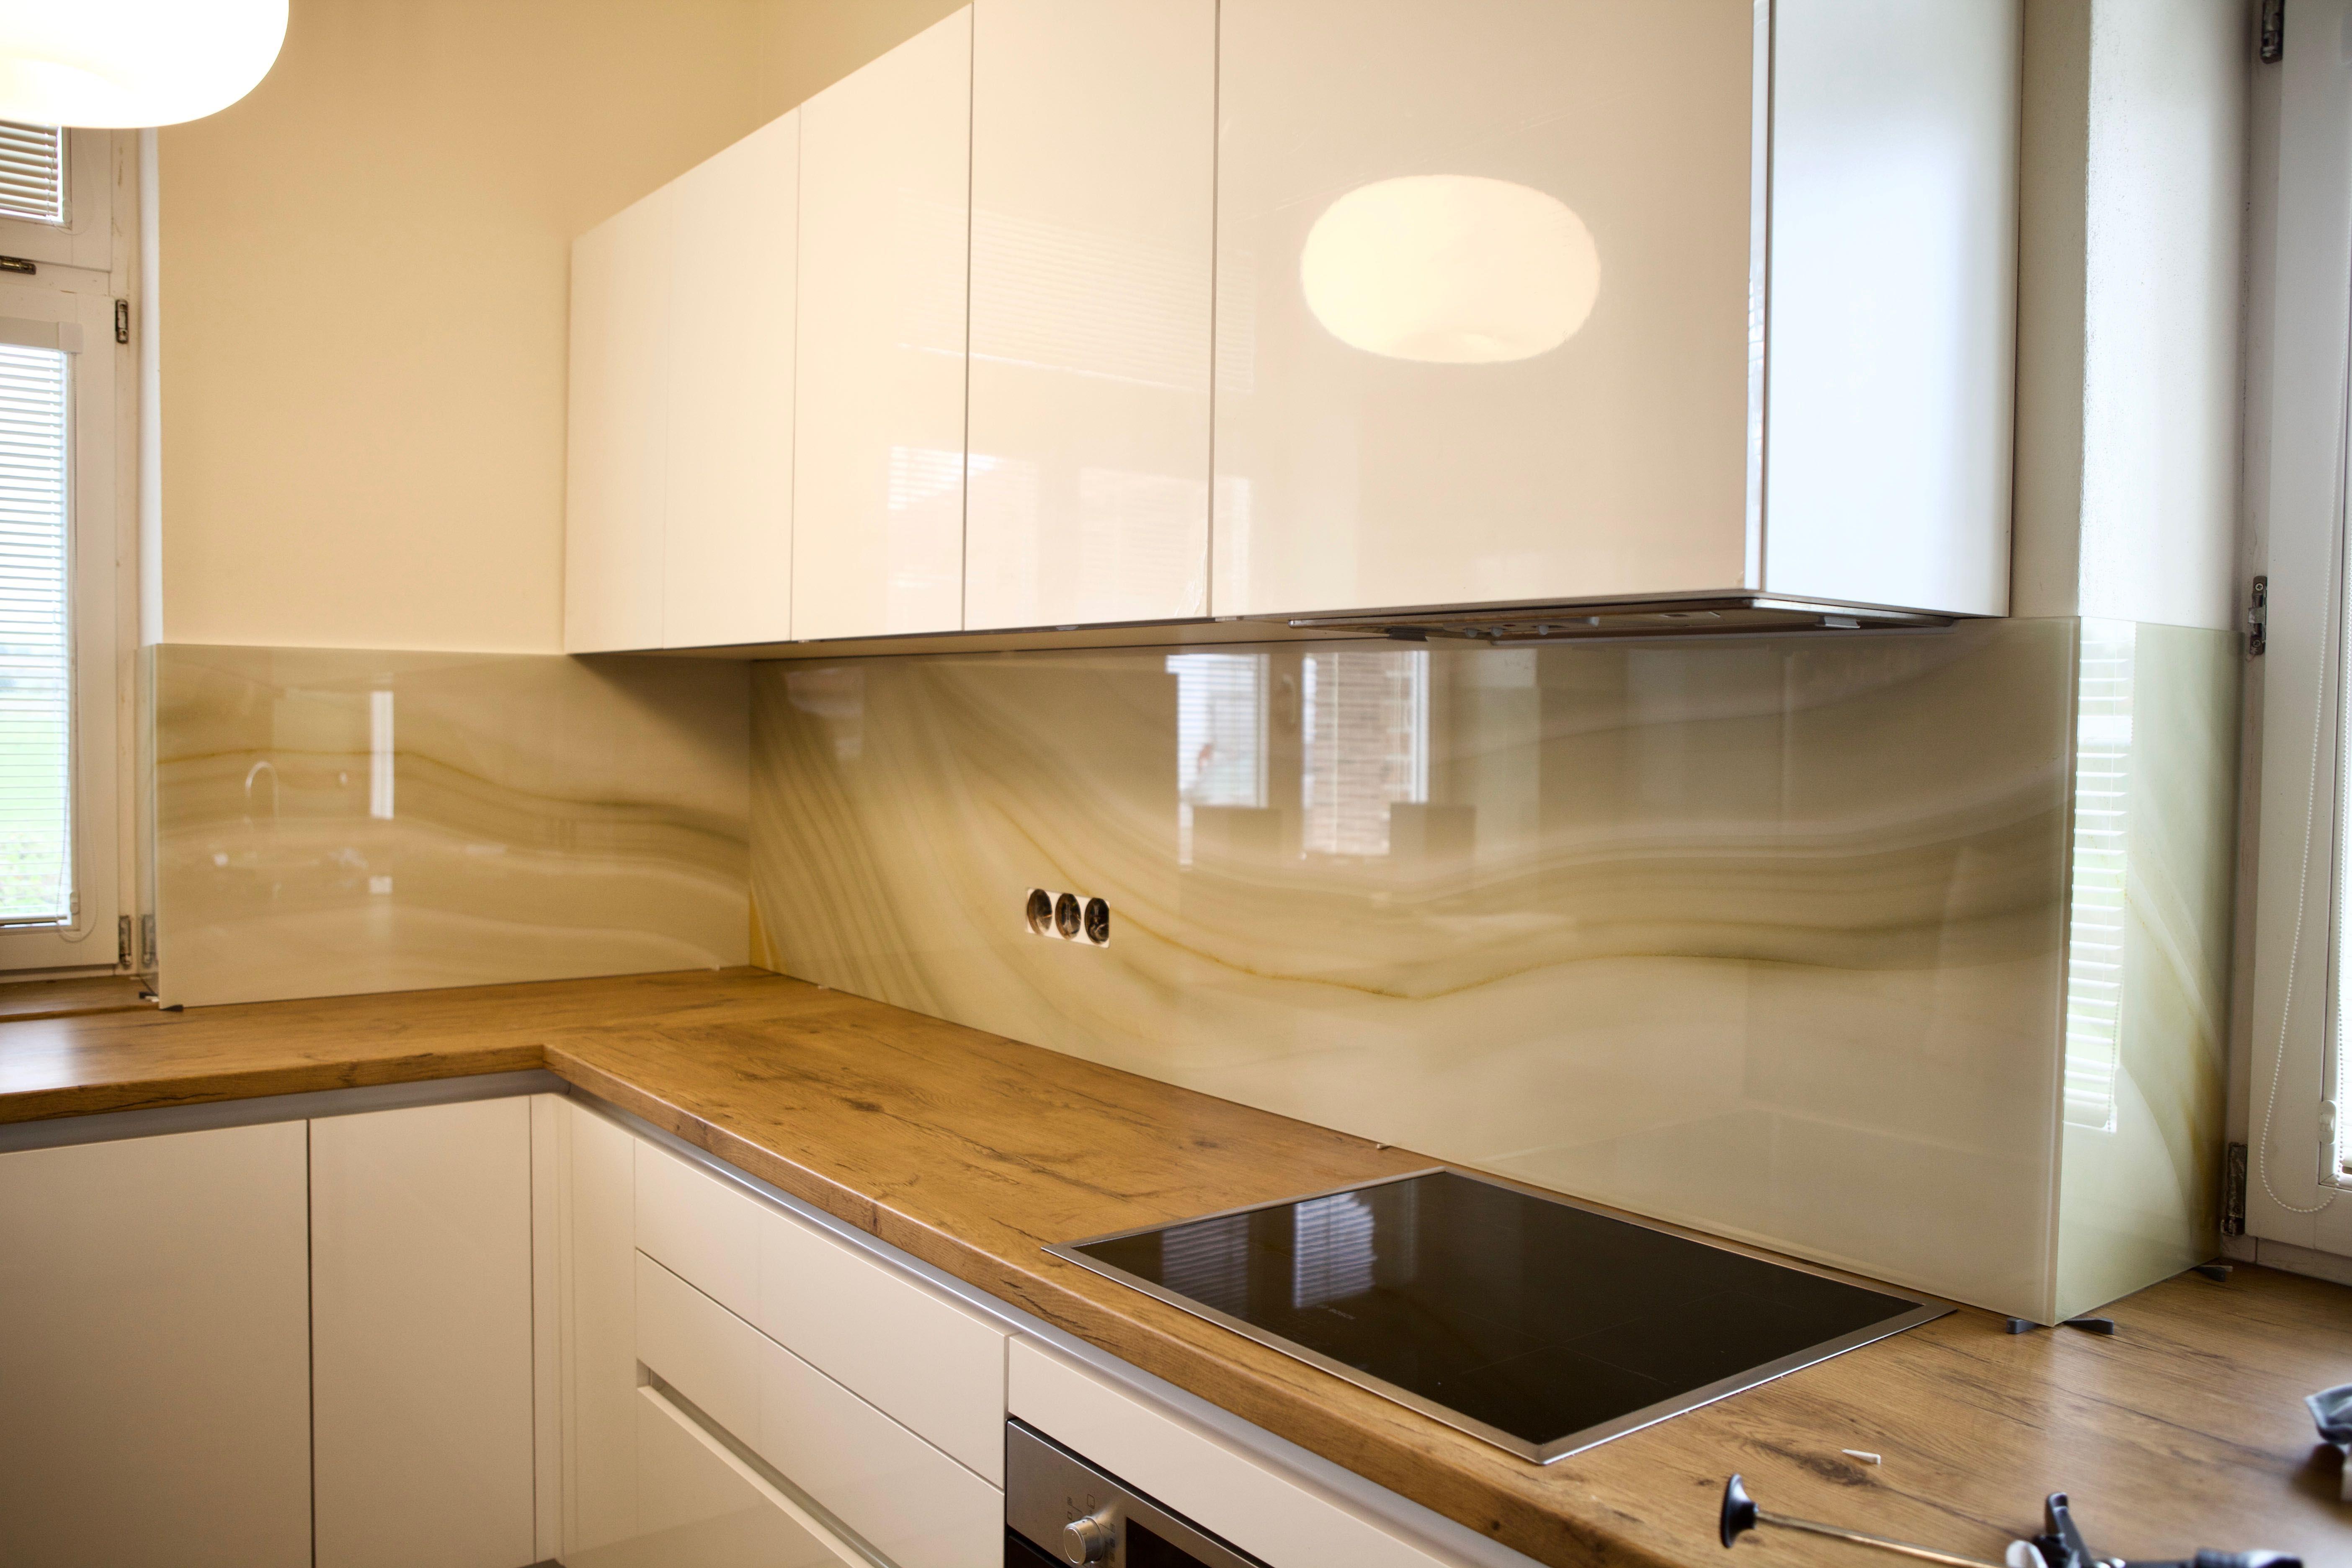 87ebfba223d51 Dizajnové kuchynské zásteny z kaleného skla. Na výber množstvo farieb,  dekorácií a grafických potlačí. Navrhnite si svoju zástenu podľa Vašich  predstáv!